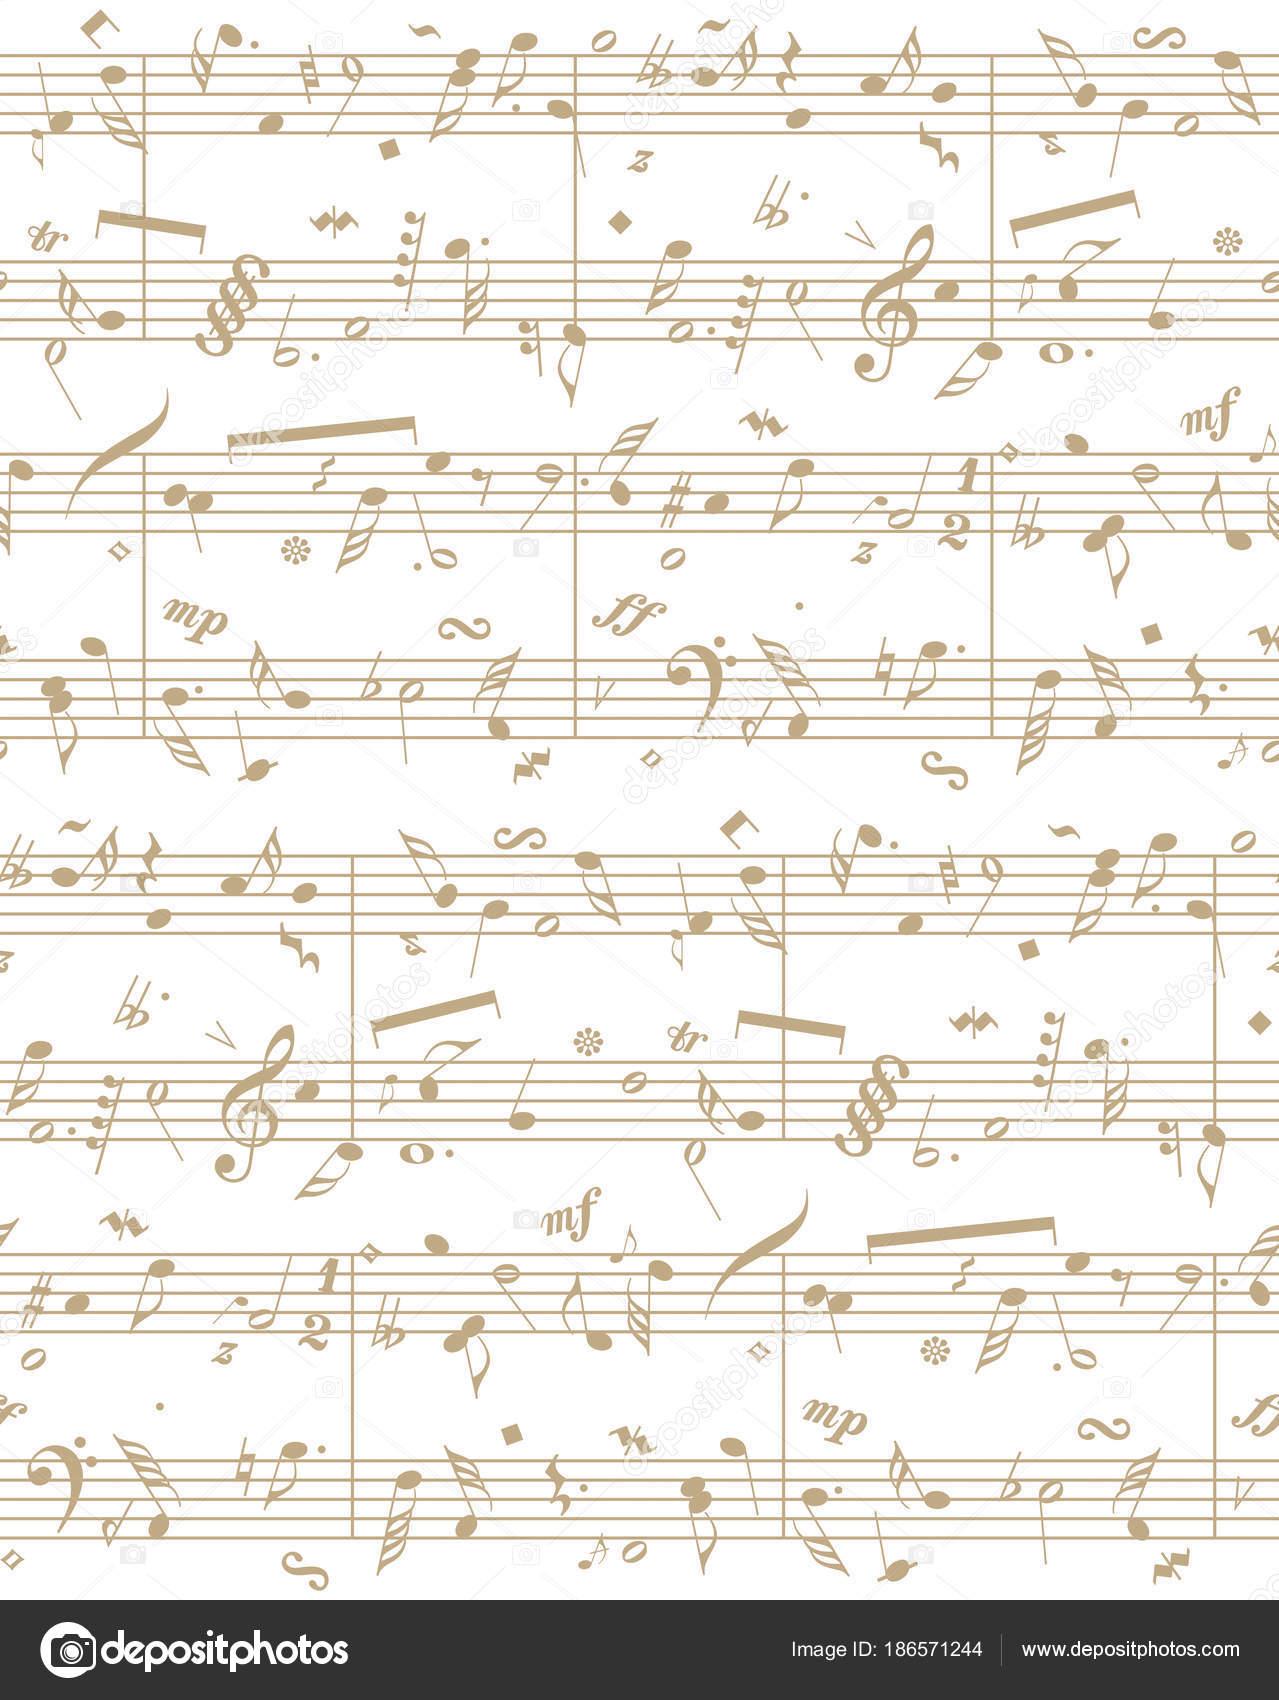 Partitura piano de vector — Archivo Imágenes Vectoriales © Marinka ...